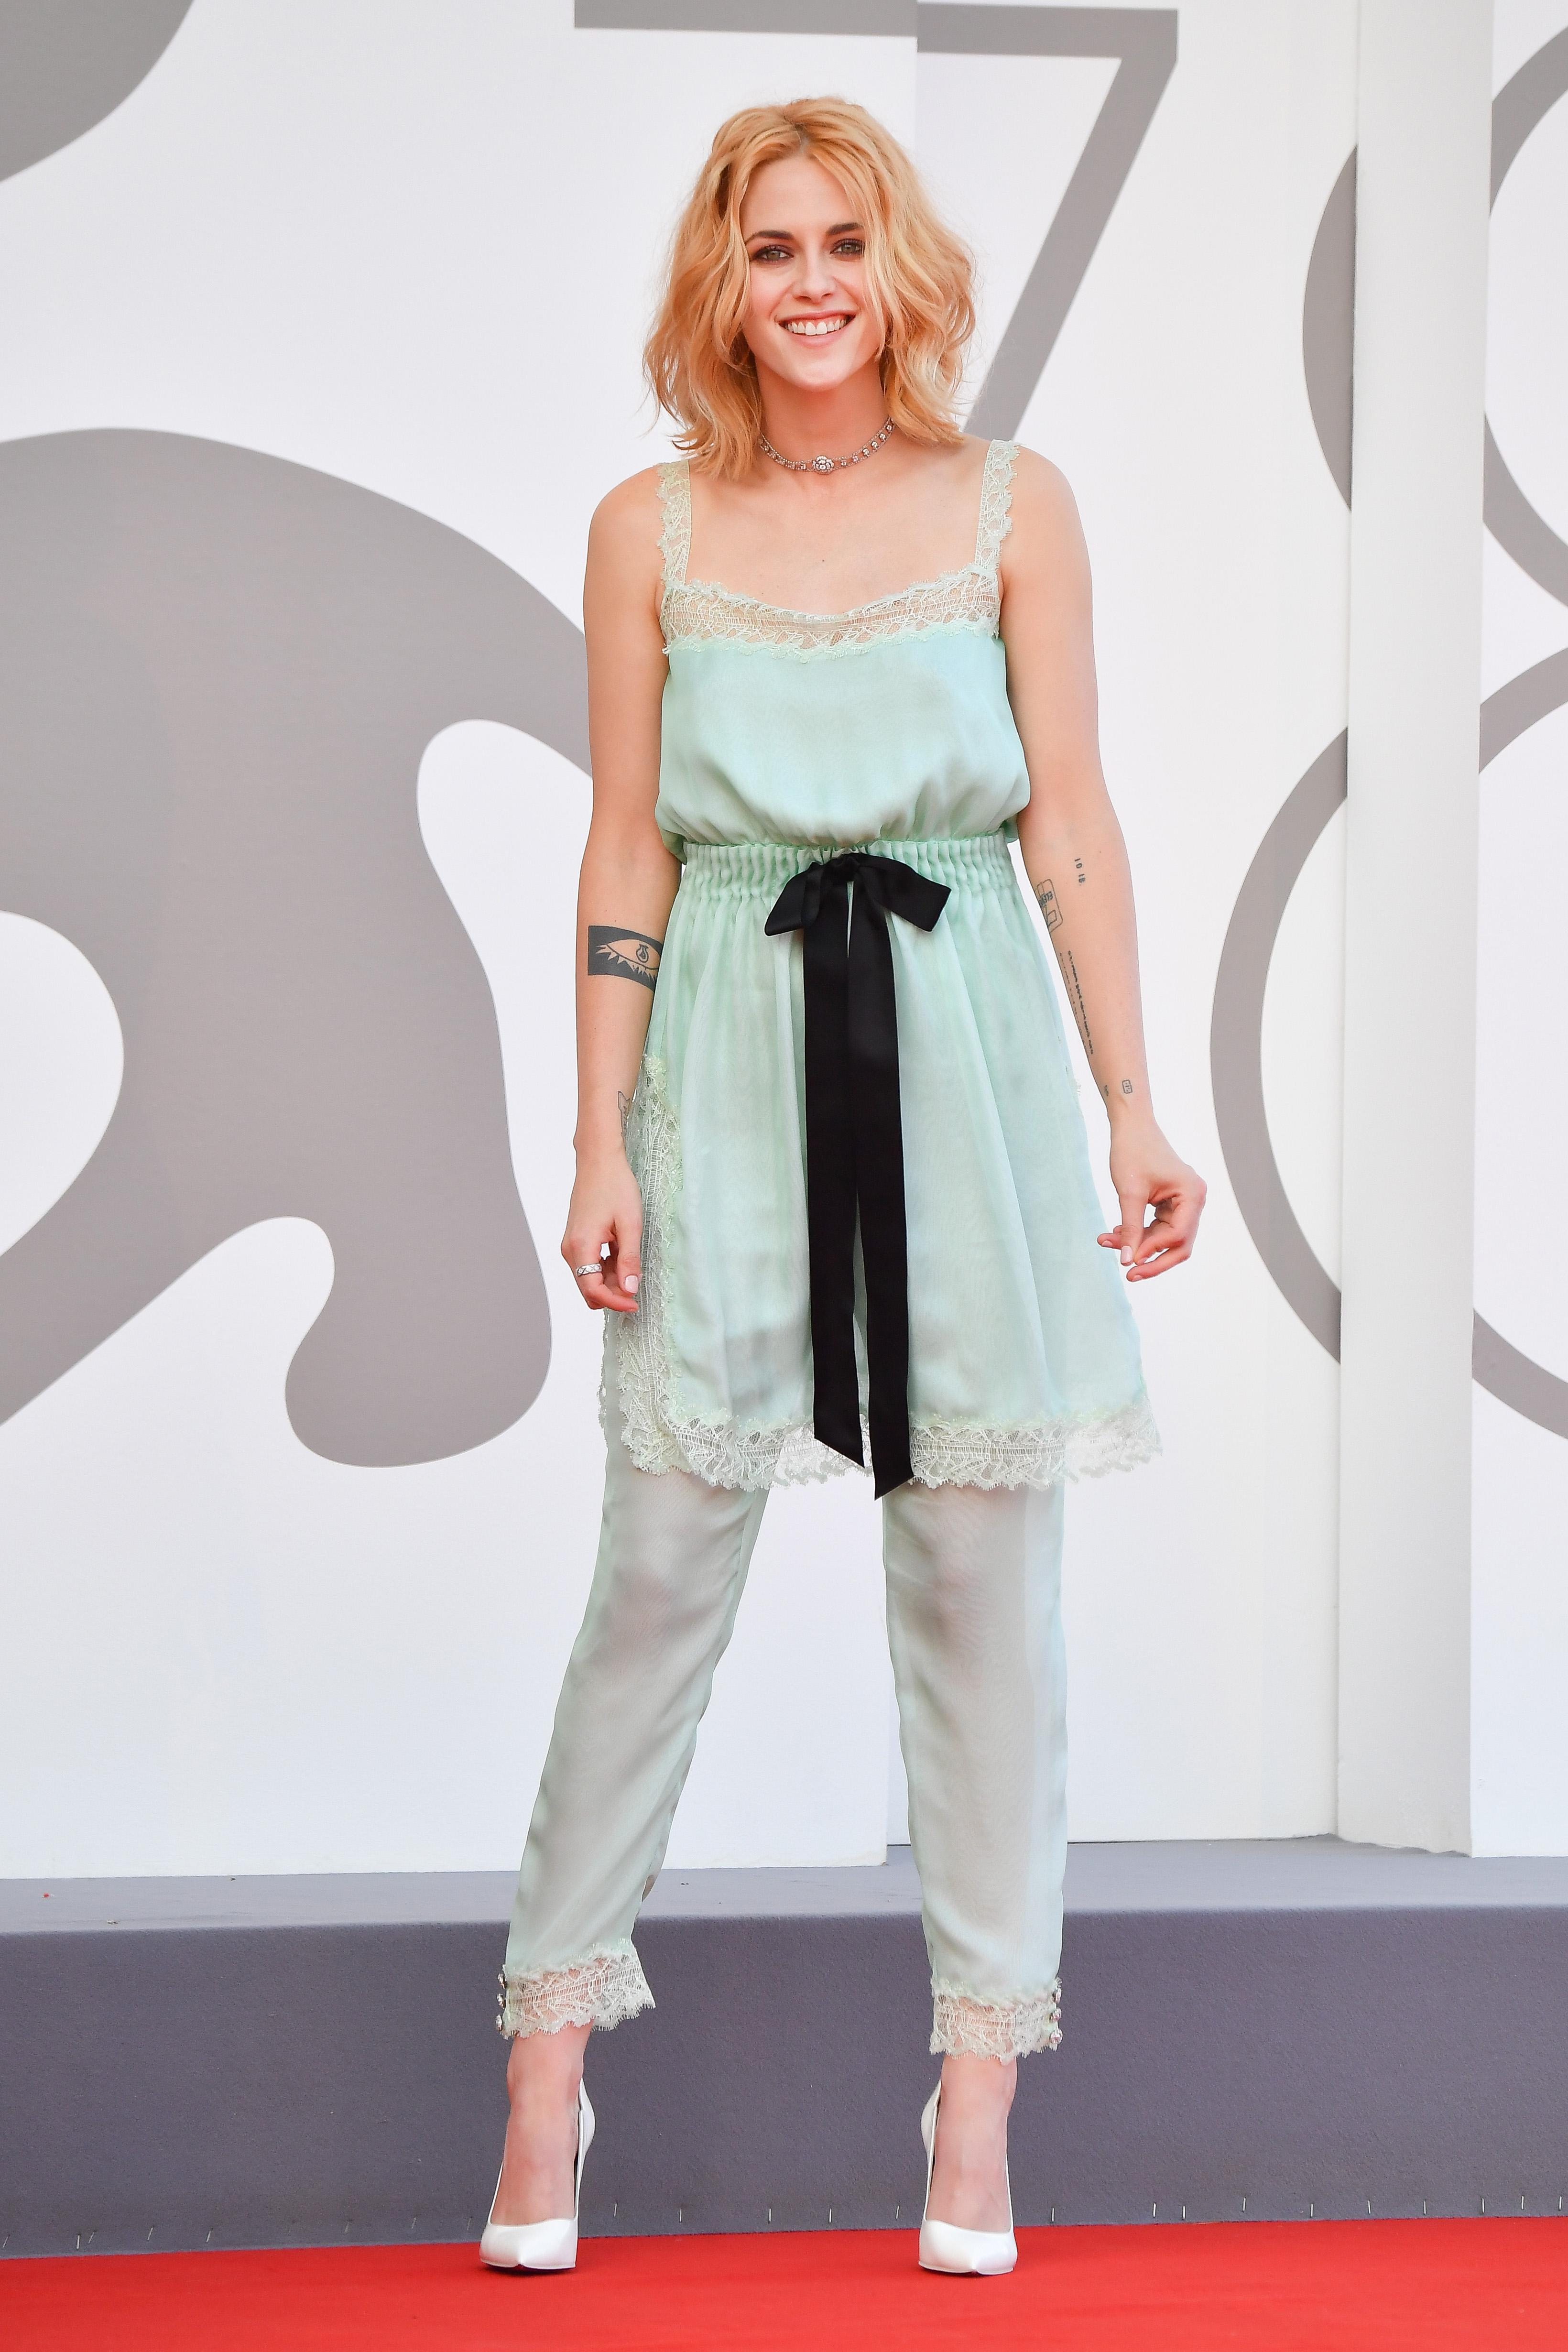 Kristen Stewart no tapete vermelho de Spencer, no Festival de Cinema de Veneza. Ela está usando um vestido por cima de uma calça em tom de verde-água com um scarpin branco. Ela está sorrindo e com o cabelo loiro solto.